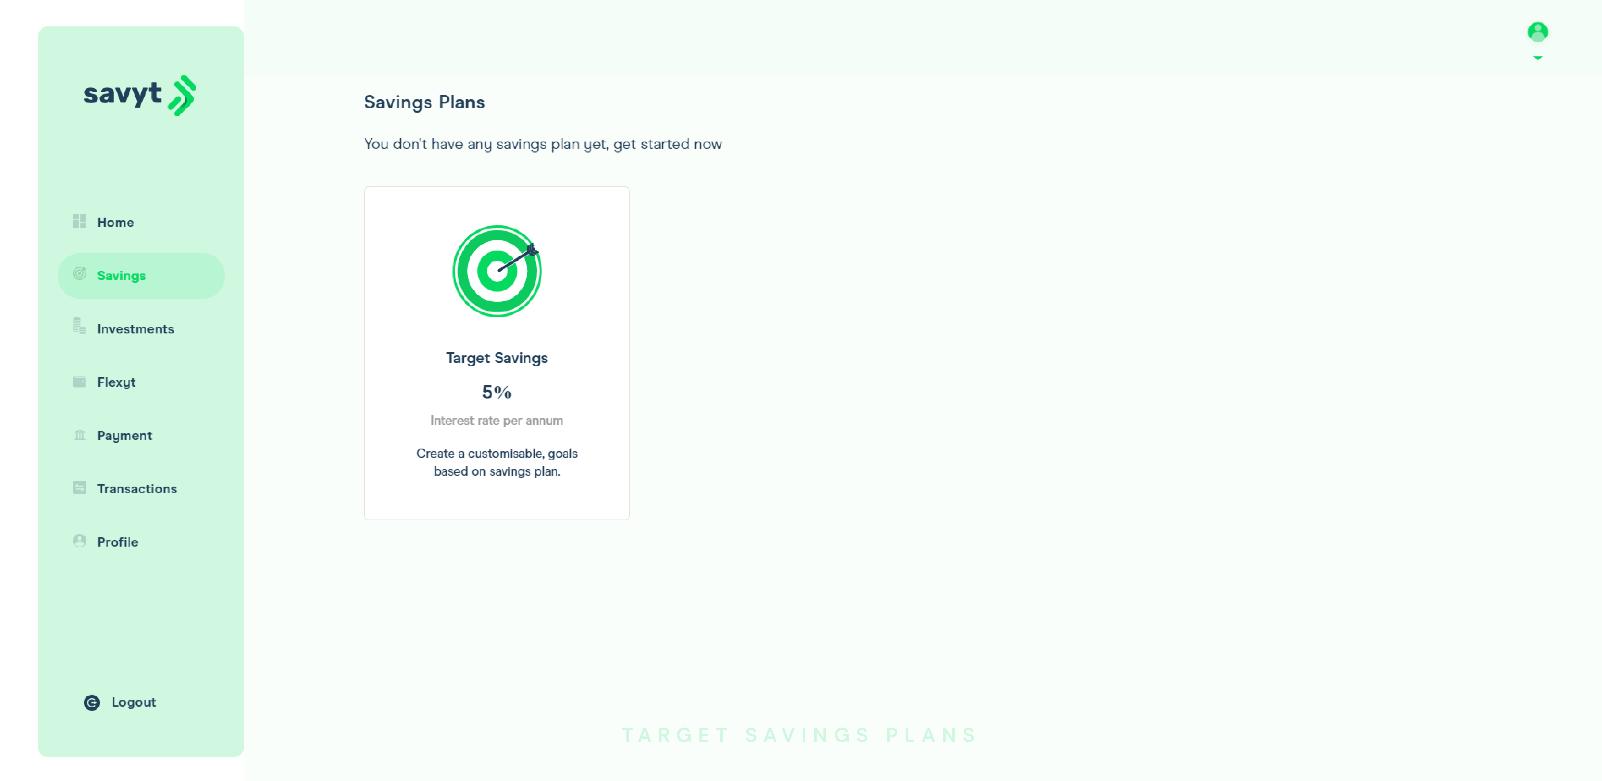 Savyt Savings Plan